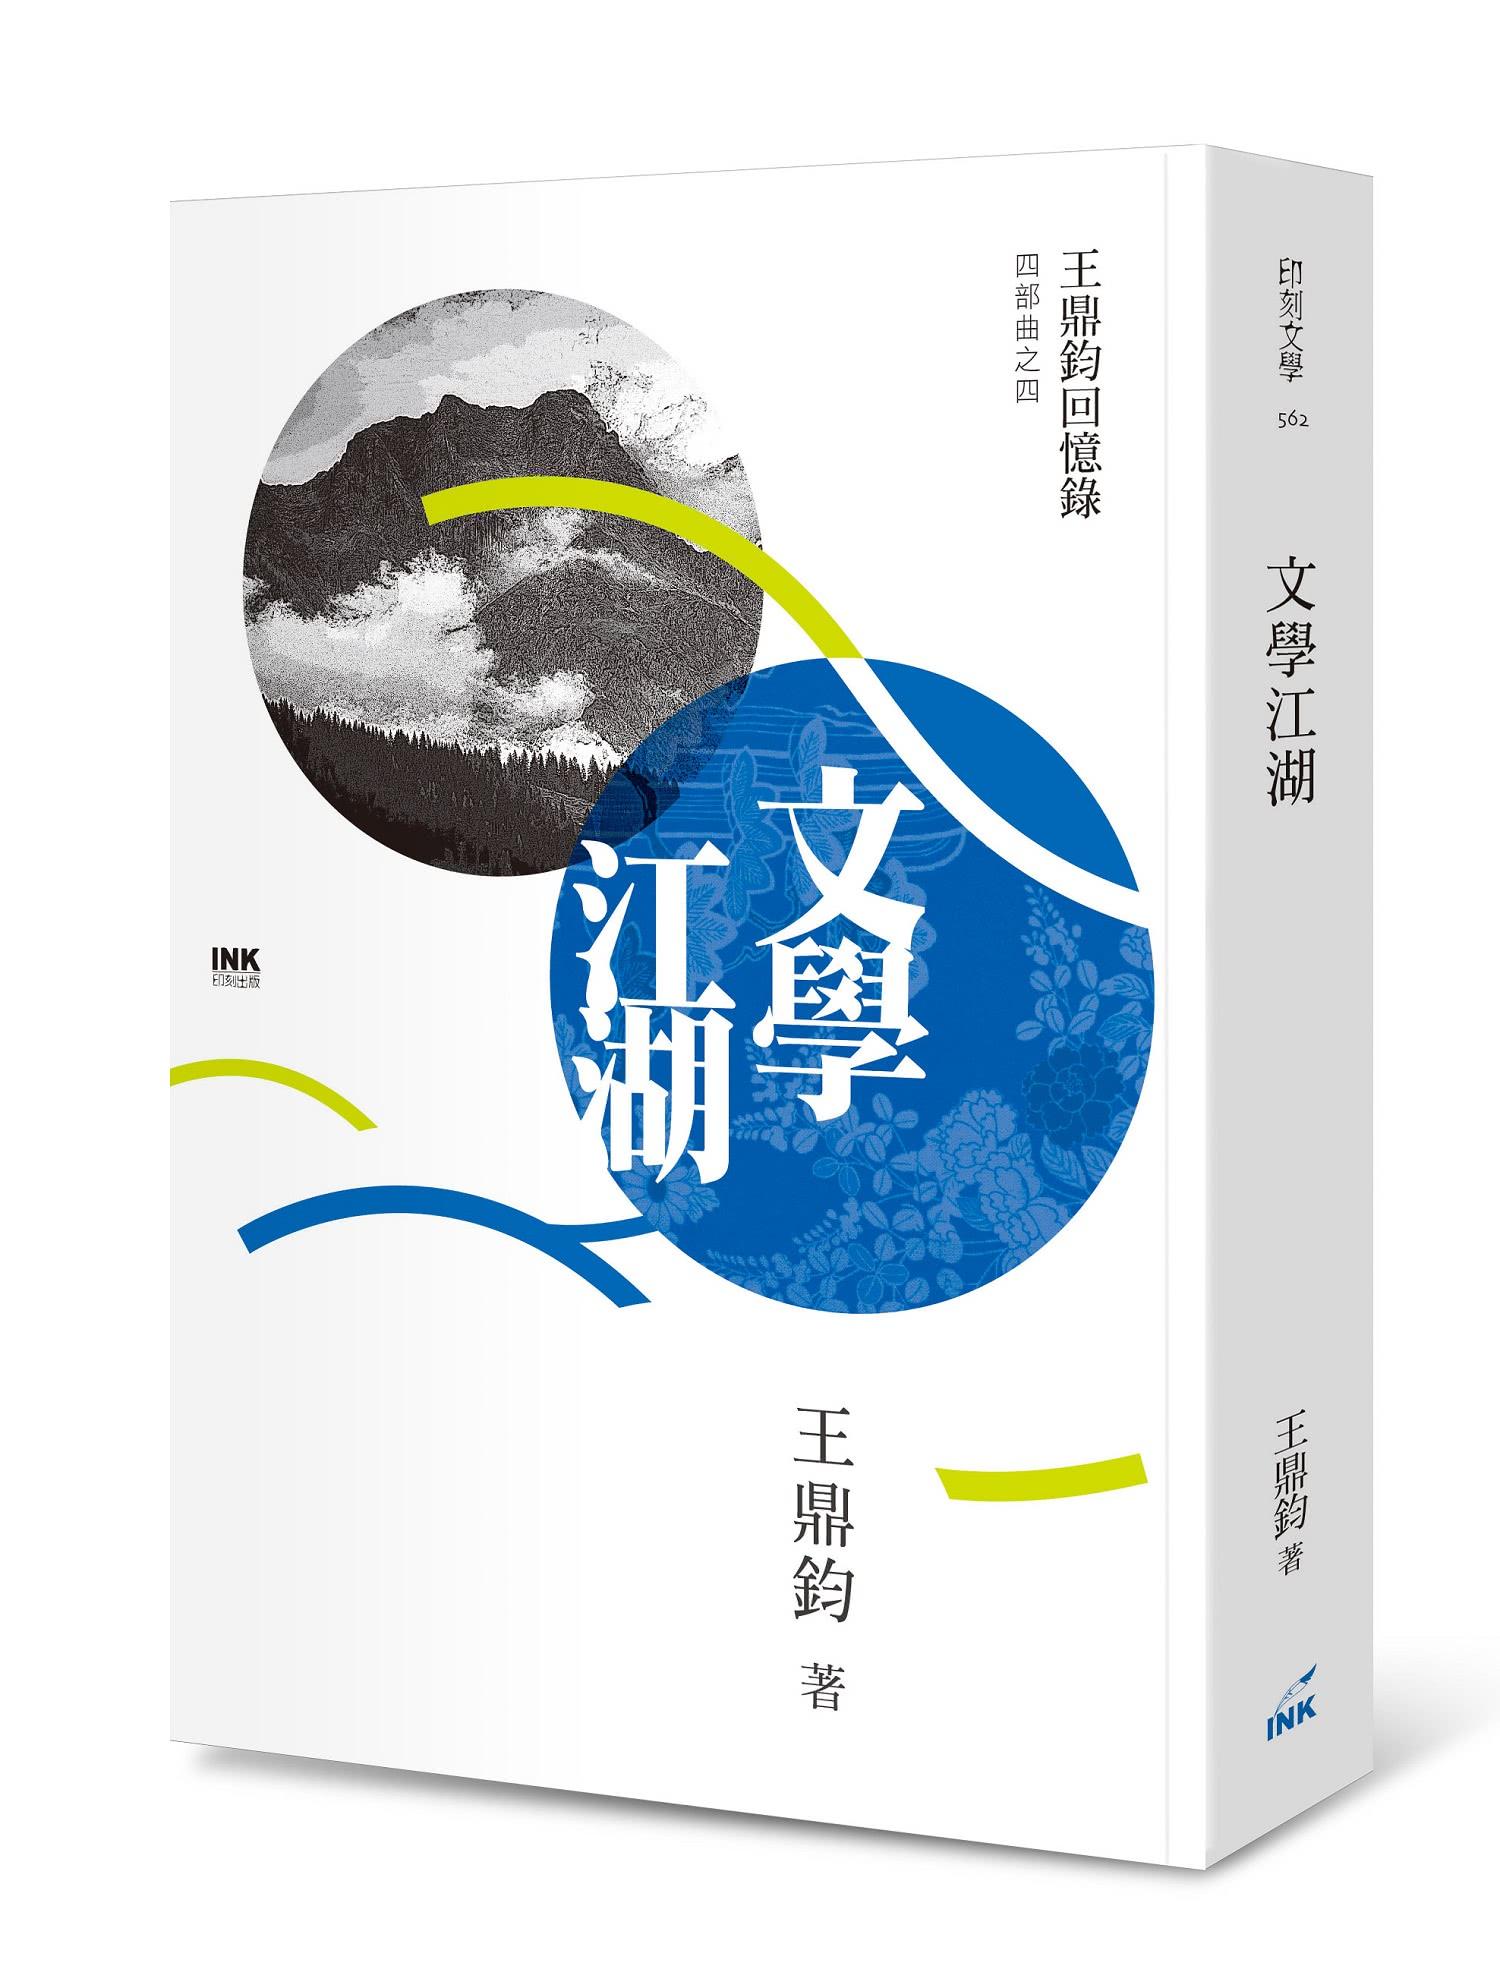 文學江湖──王鼎鈞回憶錄四部曲之四